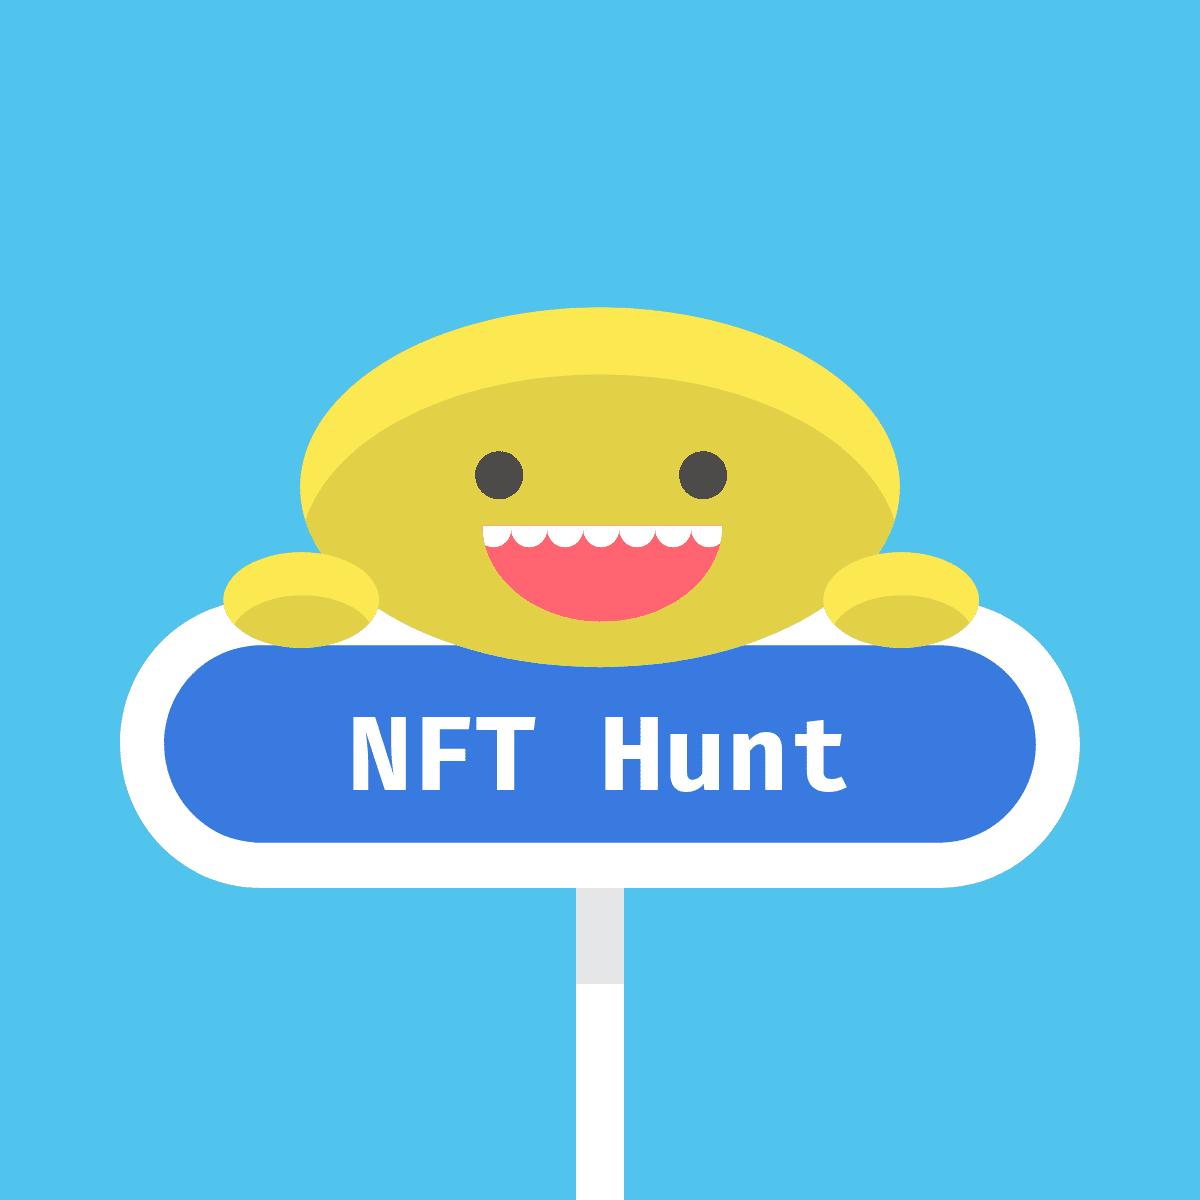 NFT Hunt